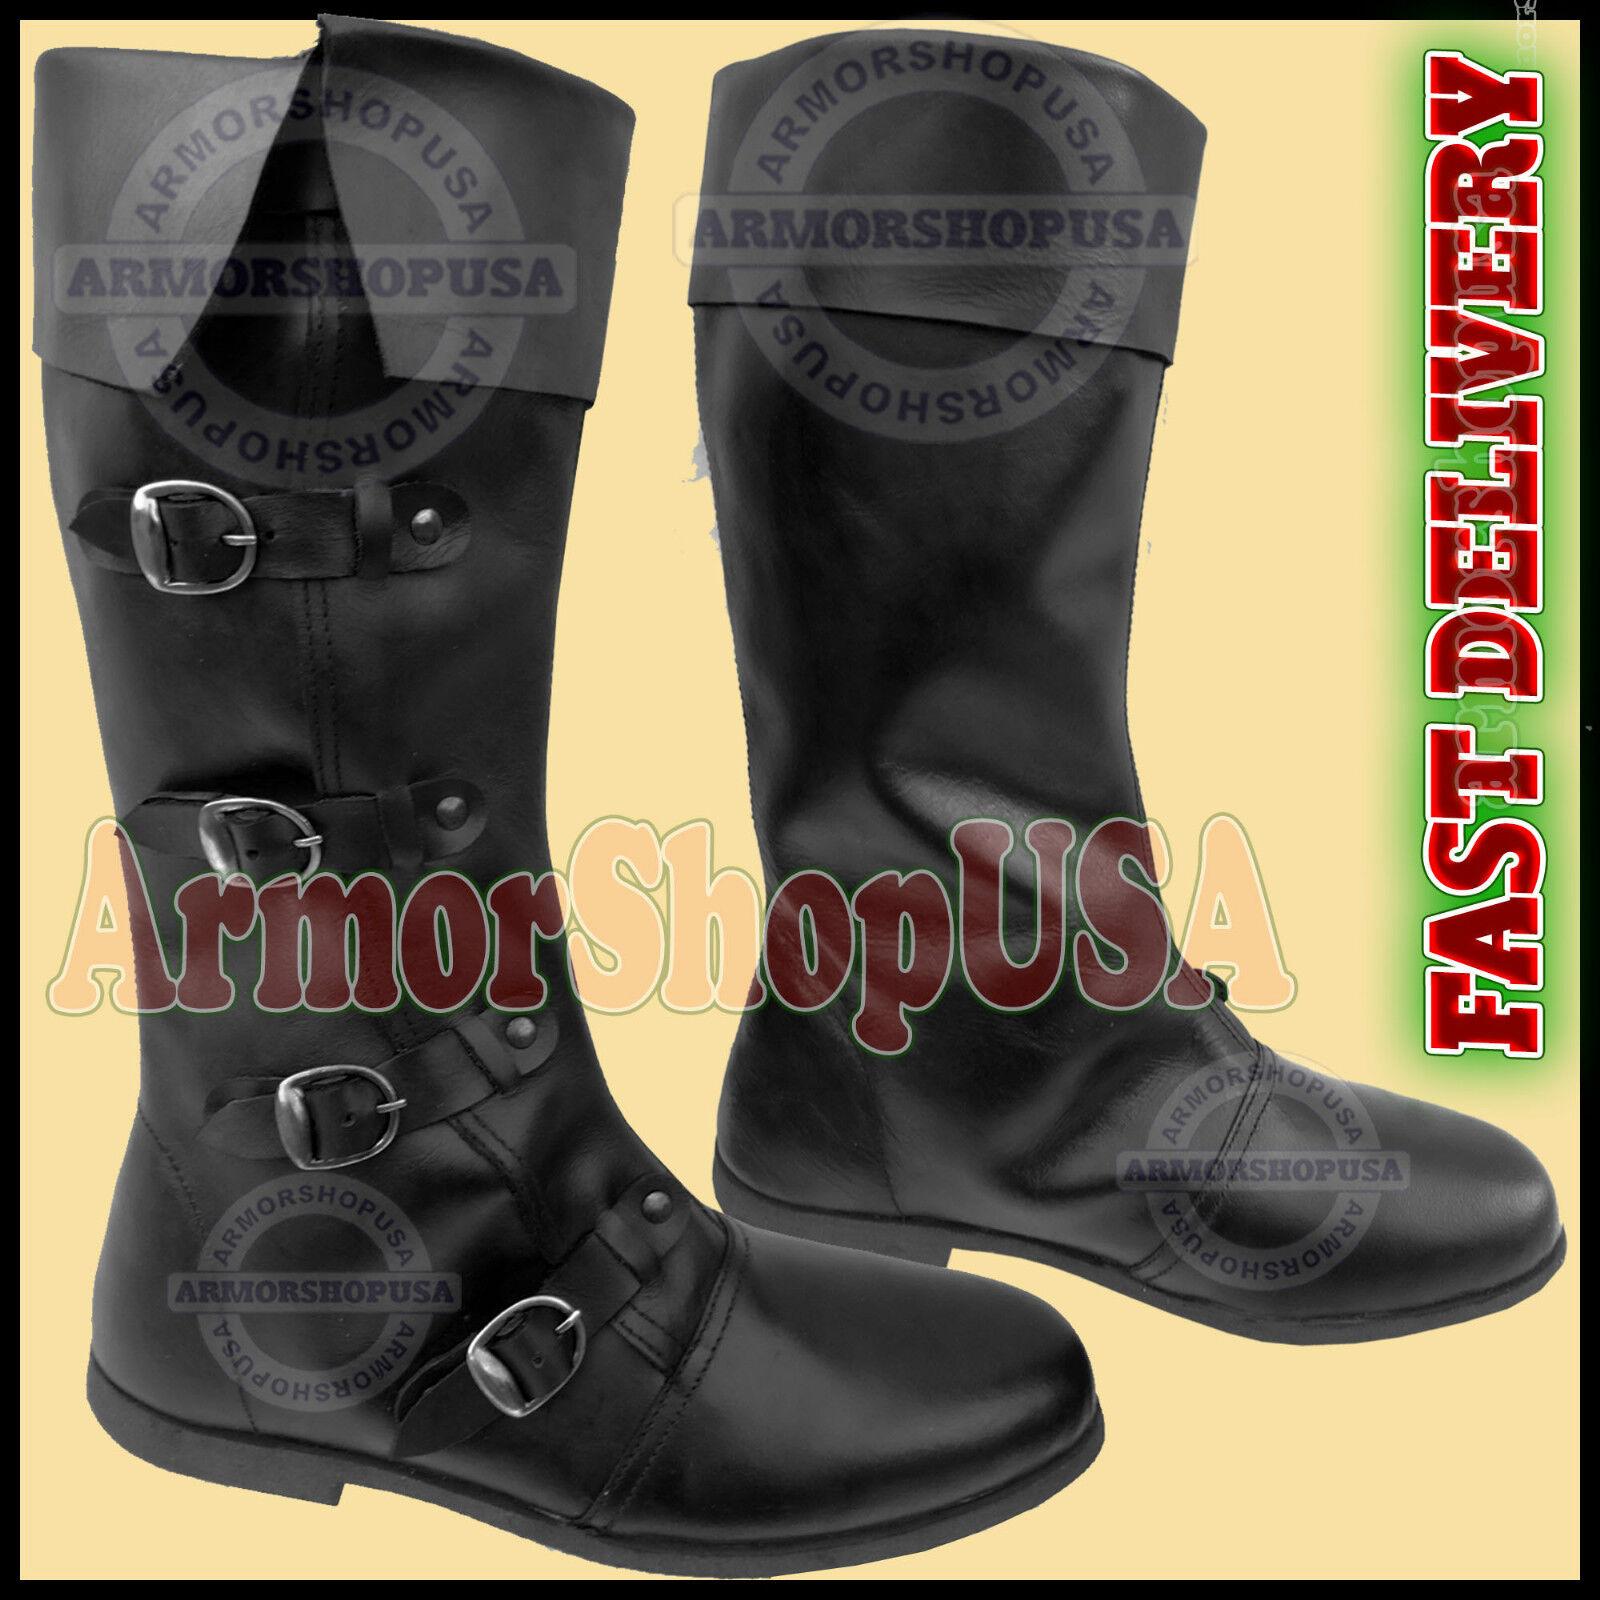 79adab29 Medieval botas De Cuero Nueva Para Hombre Calzado Larp de juego de rol  Pirata Disfraz De